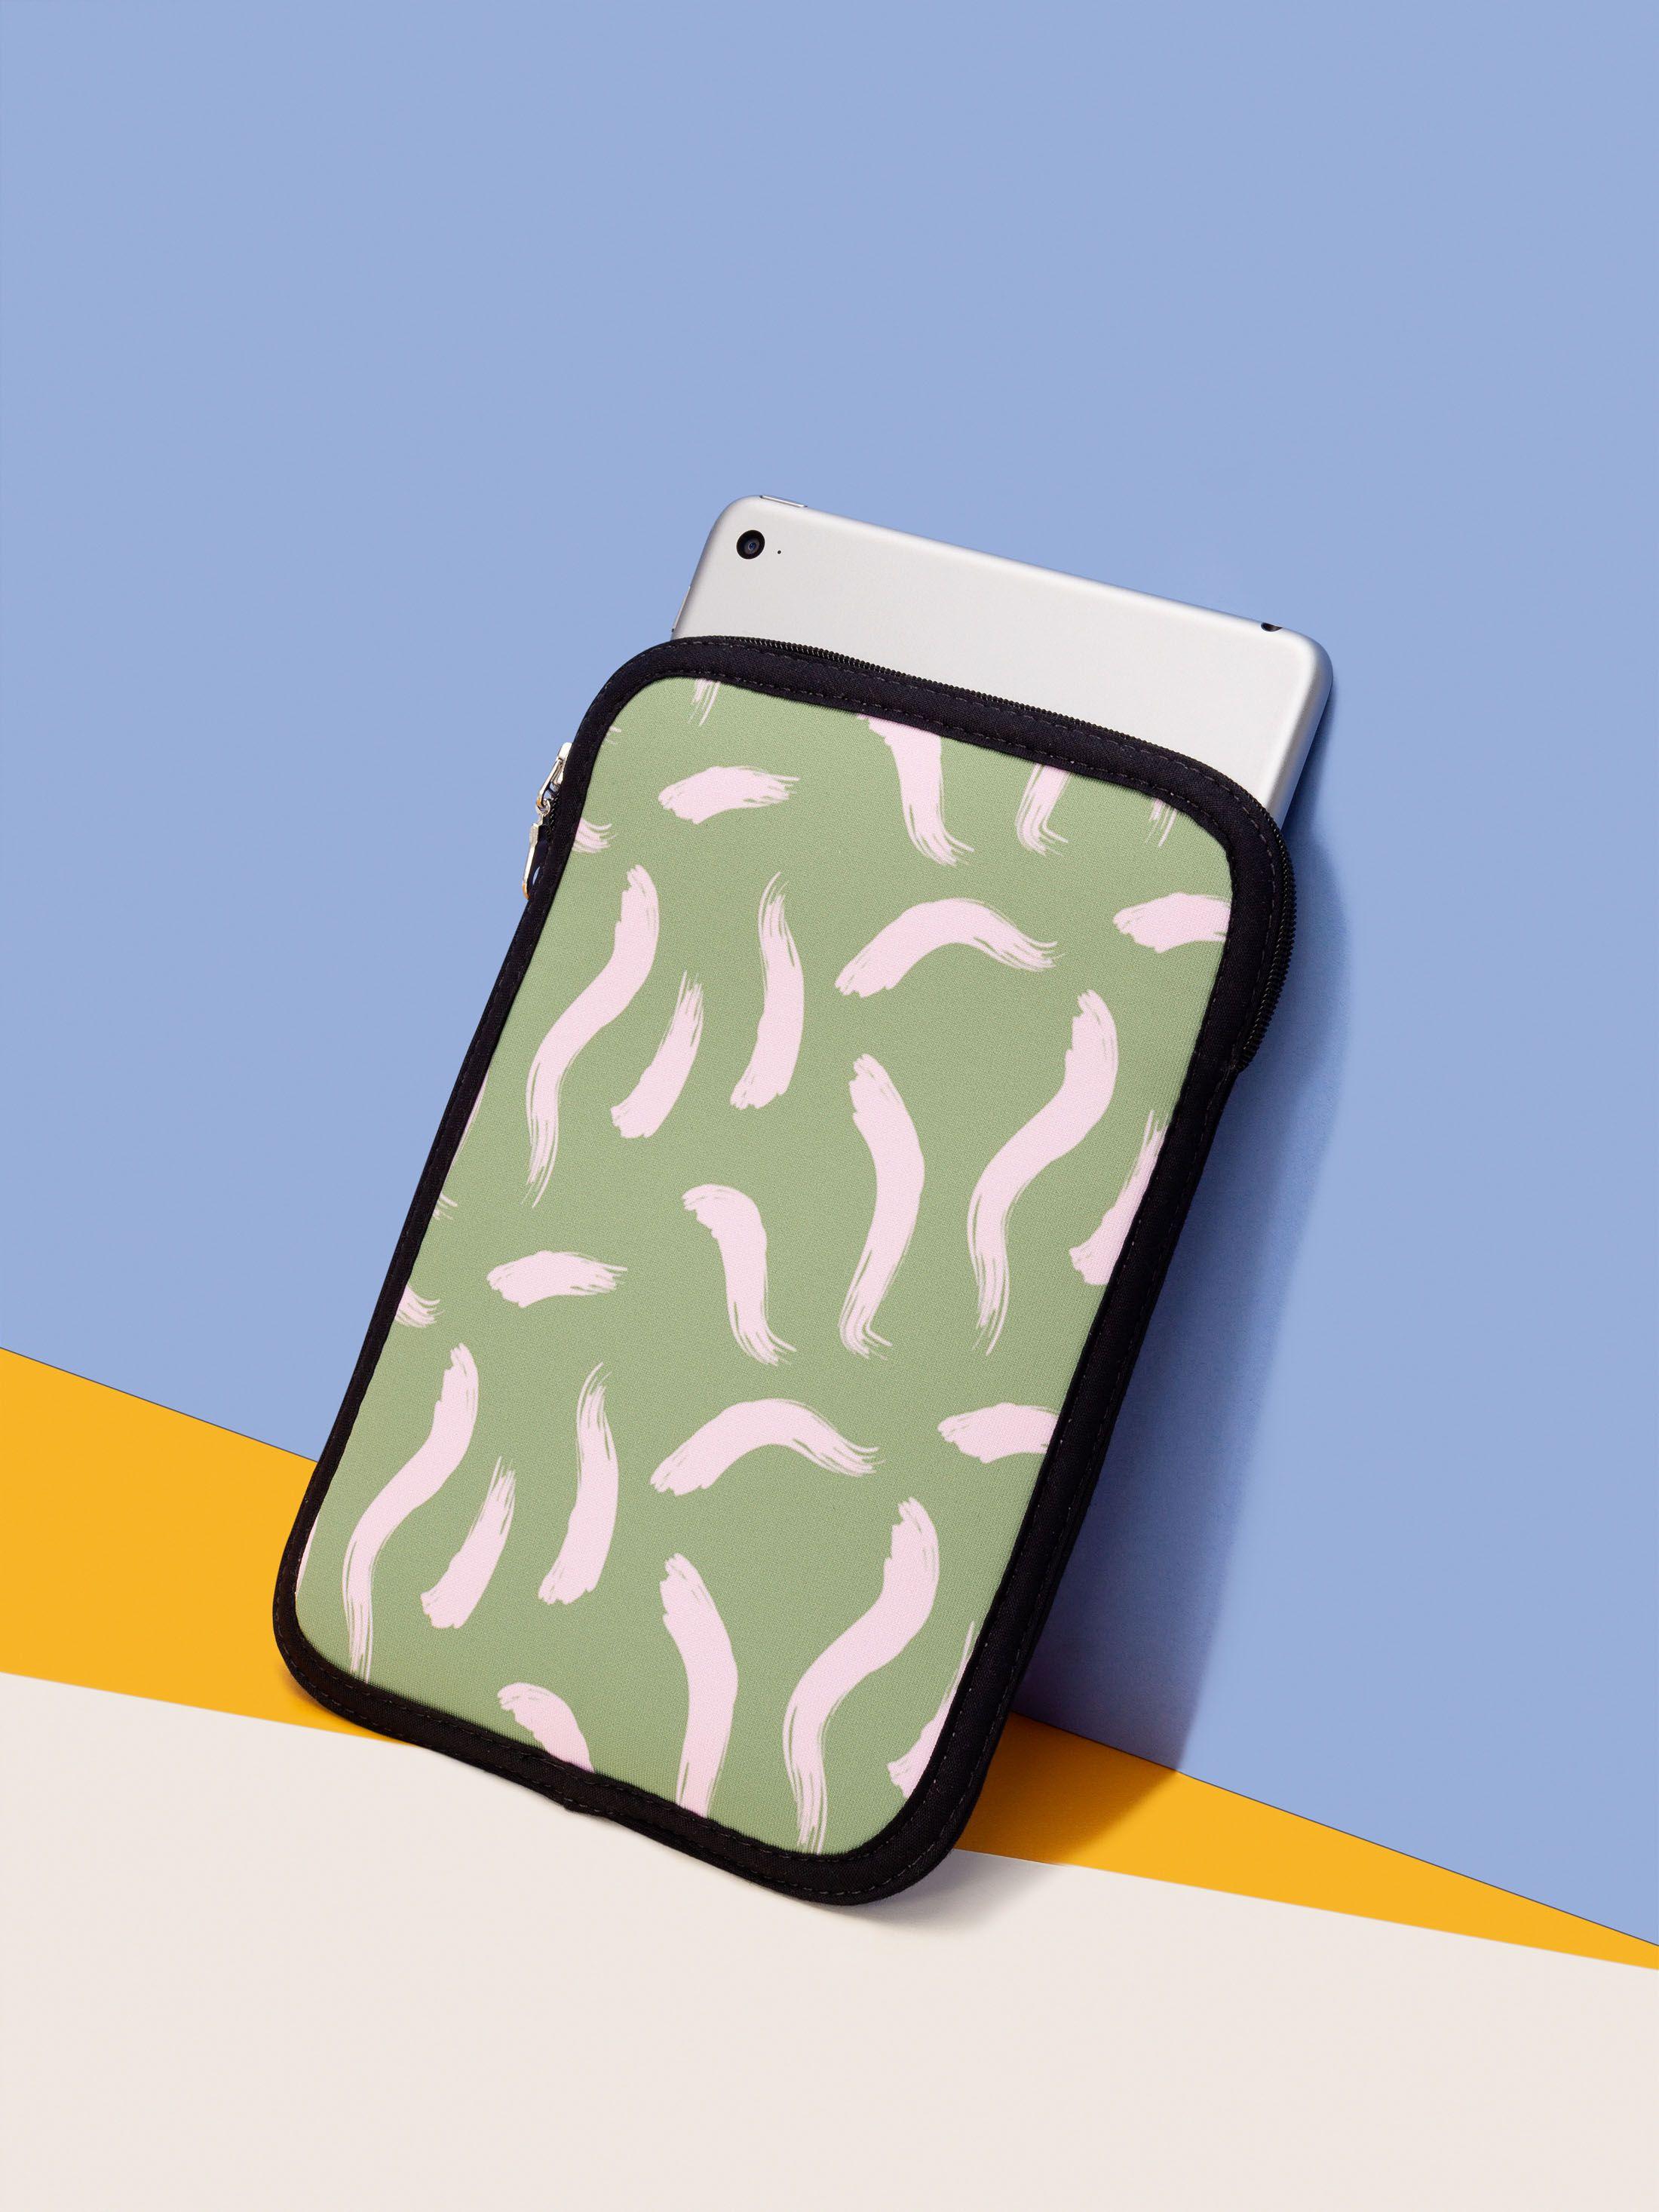 iPad miniケースにデザイン印刷